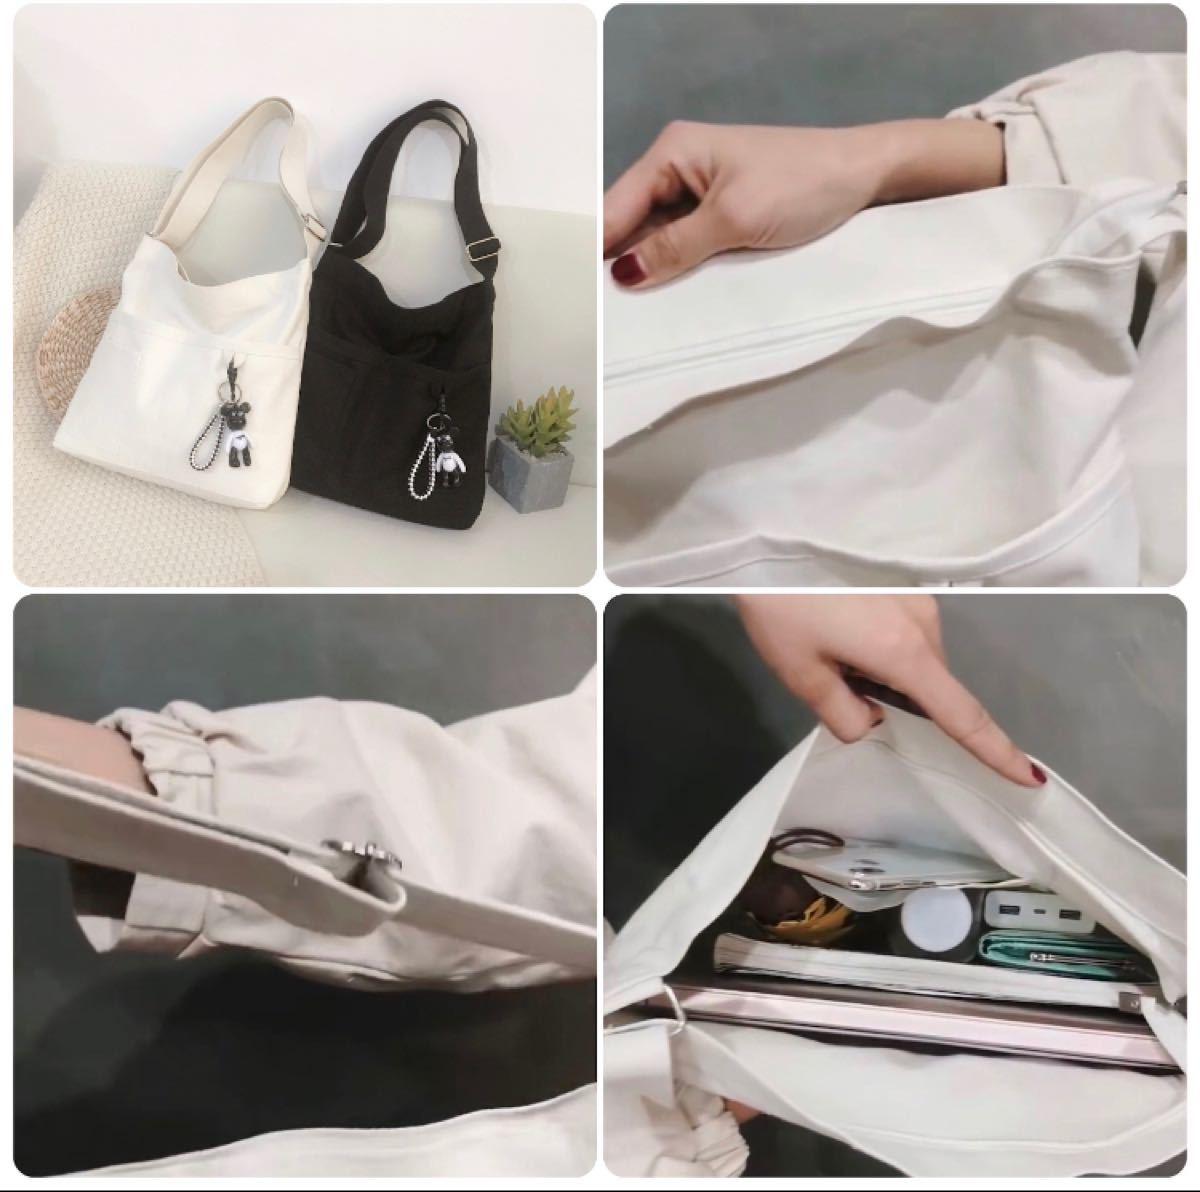 ショルダーバッグ キャンパスバッグ マザーズバッグ 帆布トートバッグ エコバッグ ブラック 韓国 ファッション 新品未使用